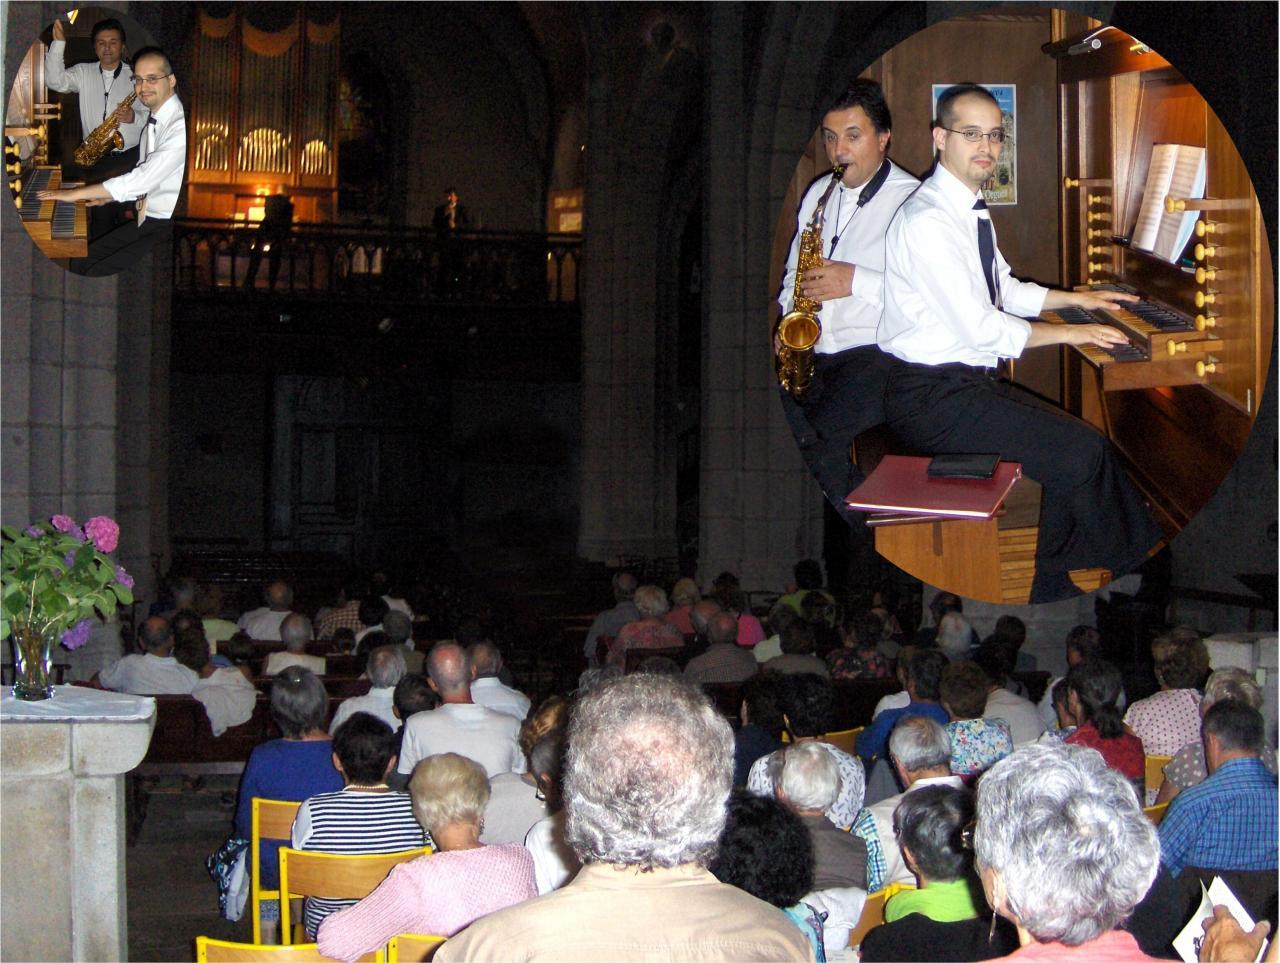 juillet 2015: Saxophone et orgue